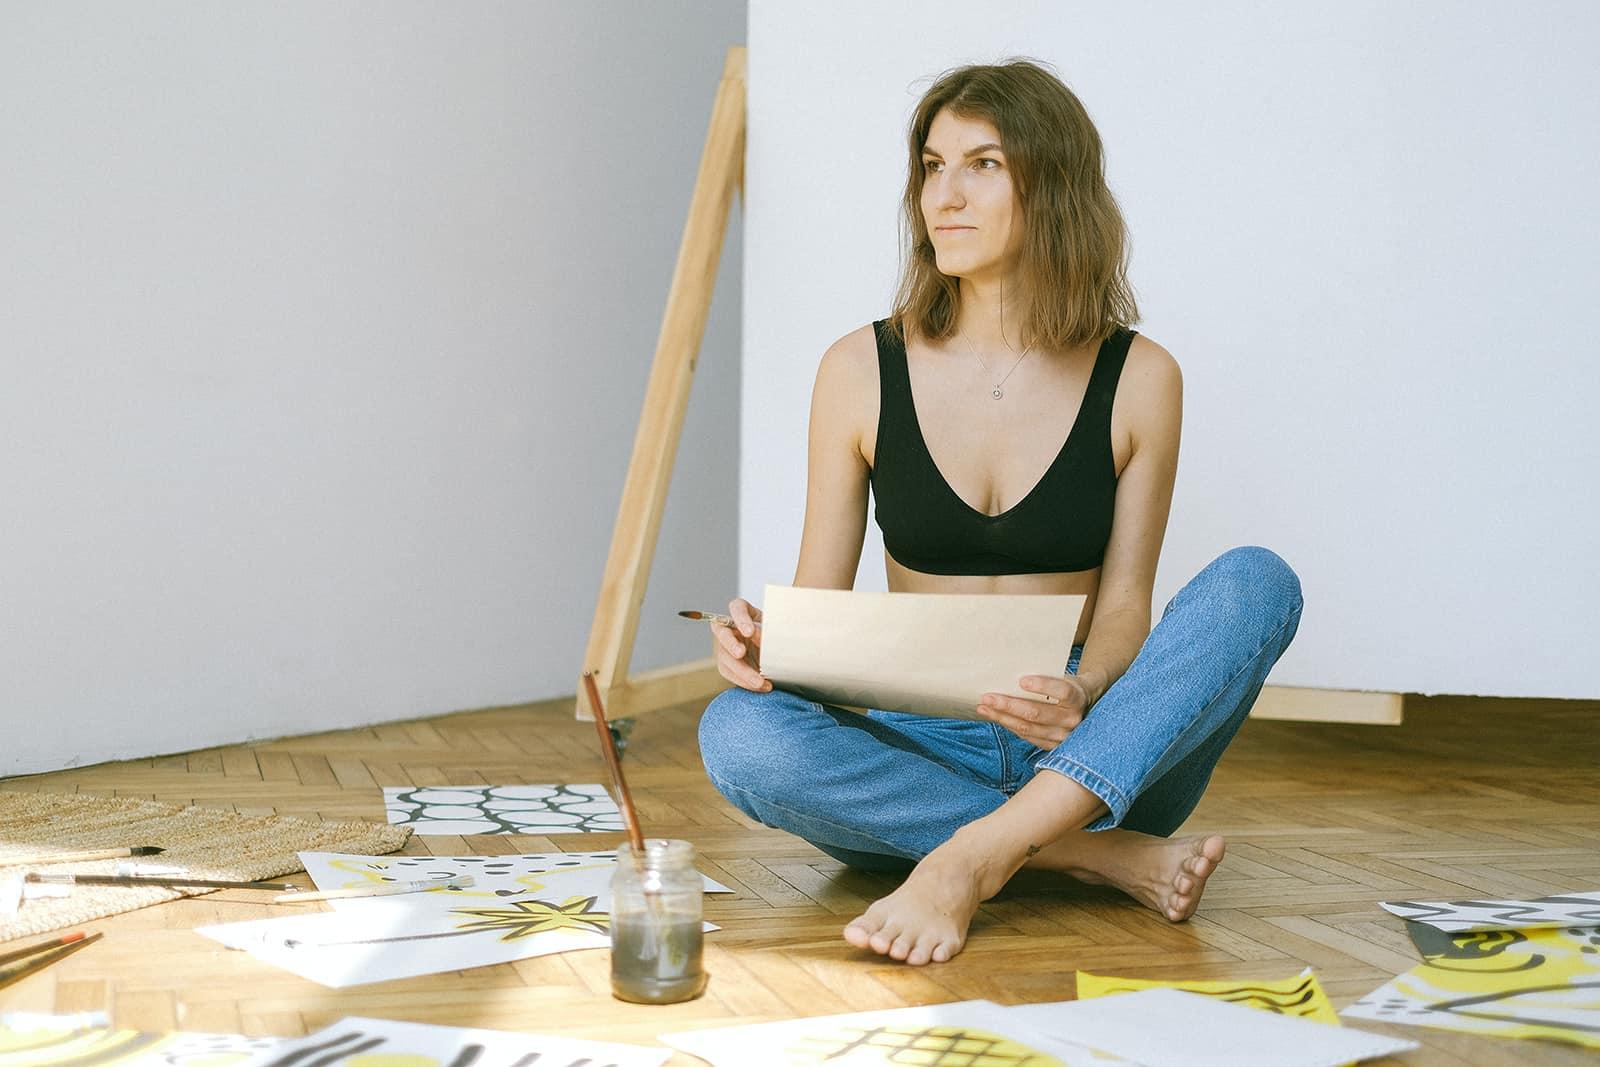 une femme peinture sur papiers assis sur le sol